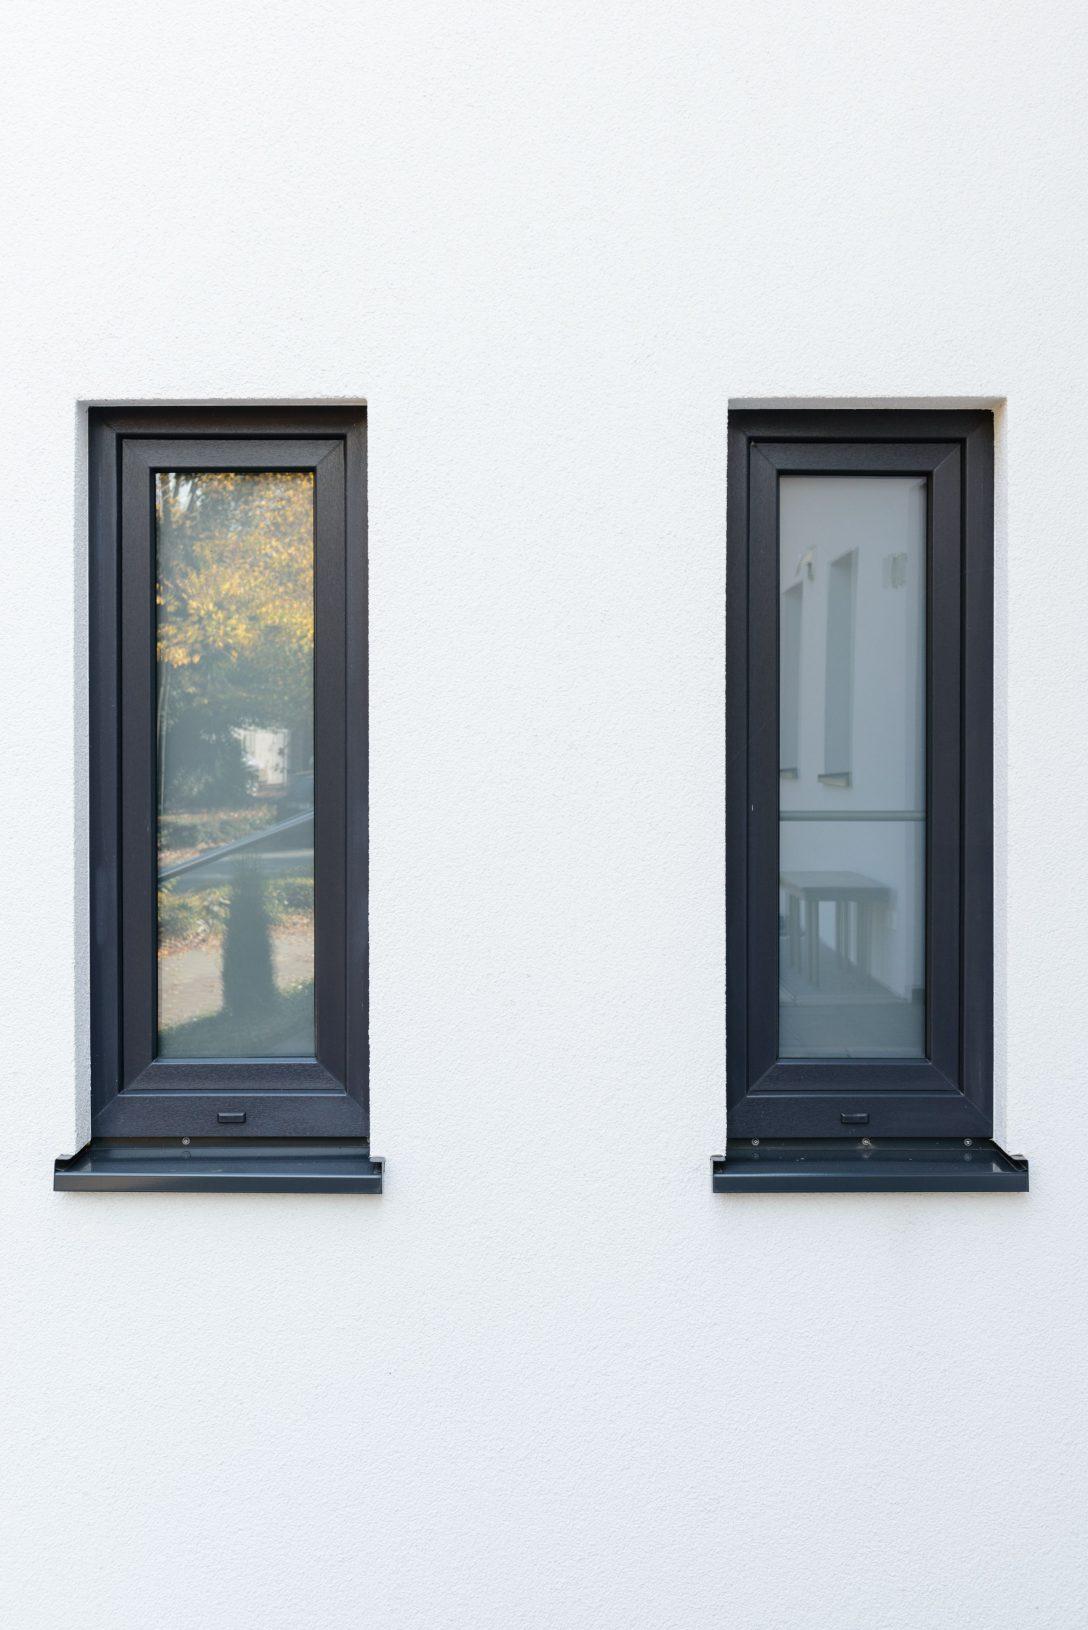 Large Size of Moderne Fenster Und Fensterbank In Schnem Anthrazit Architektur 120x120 Zwangsbelüftung Nachrüsten Sonnenschutz Innen Mit Rolladenkasten Velux Einbauen Fenster Fenster Anthrazit